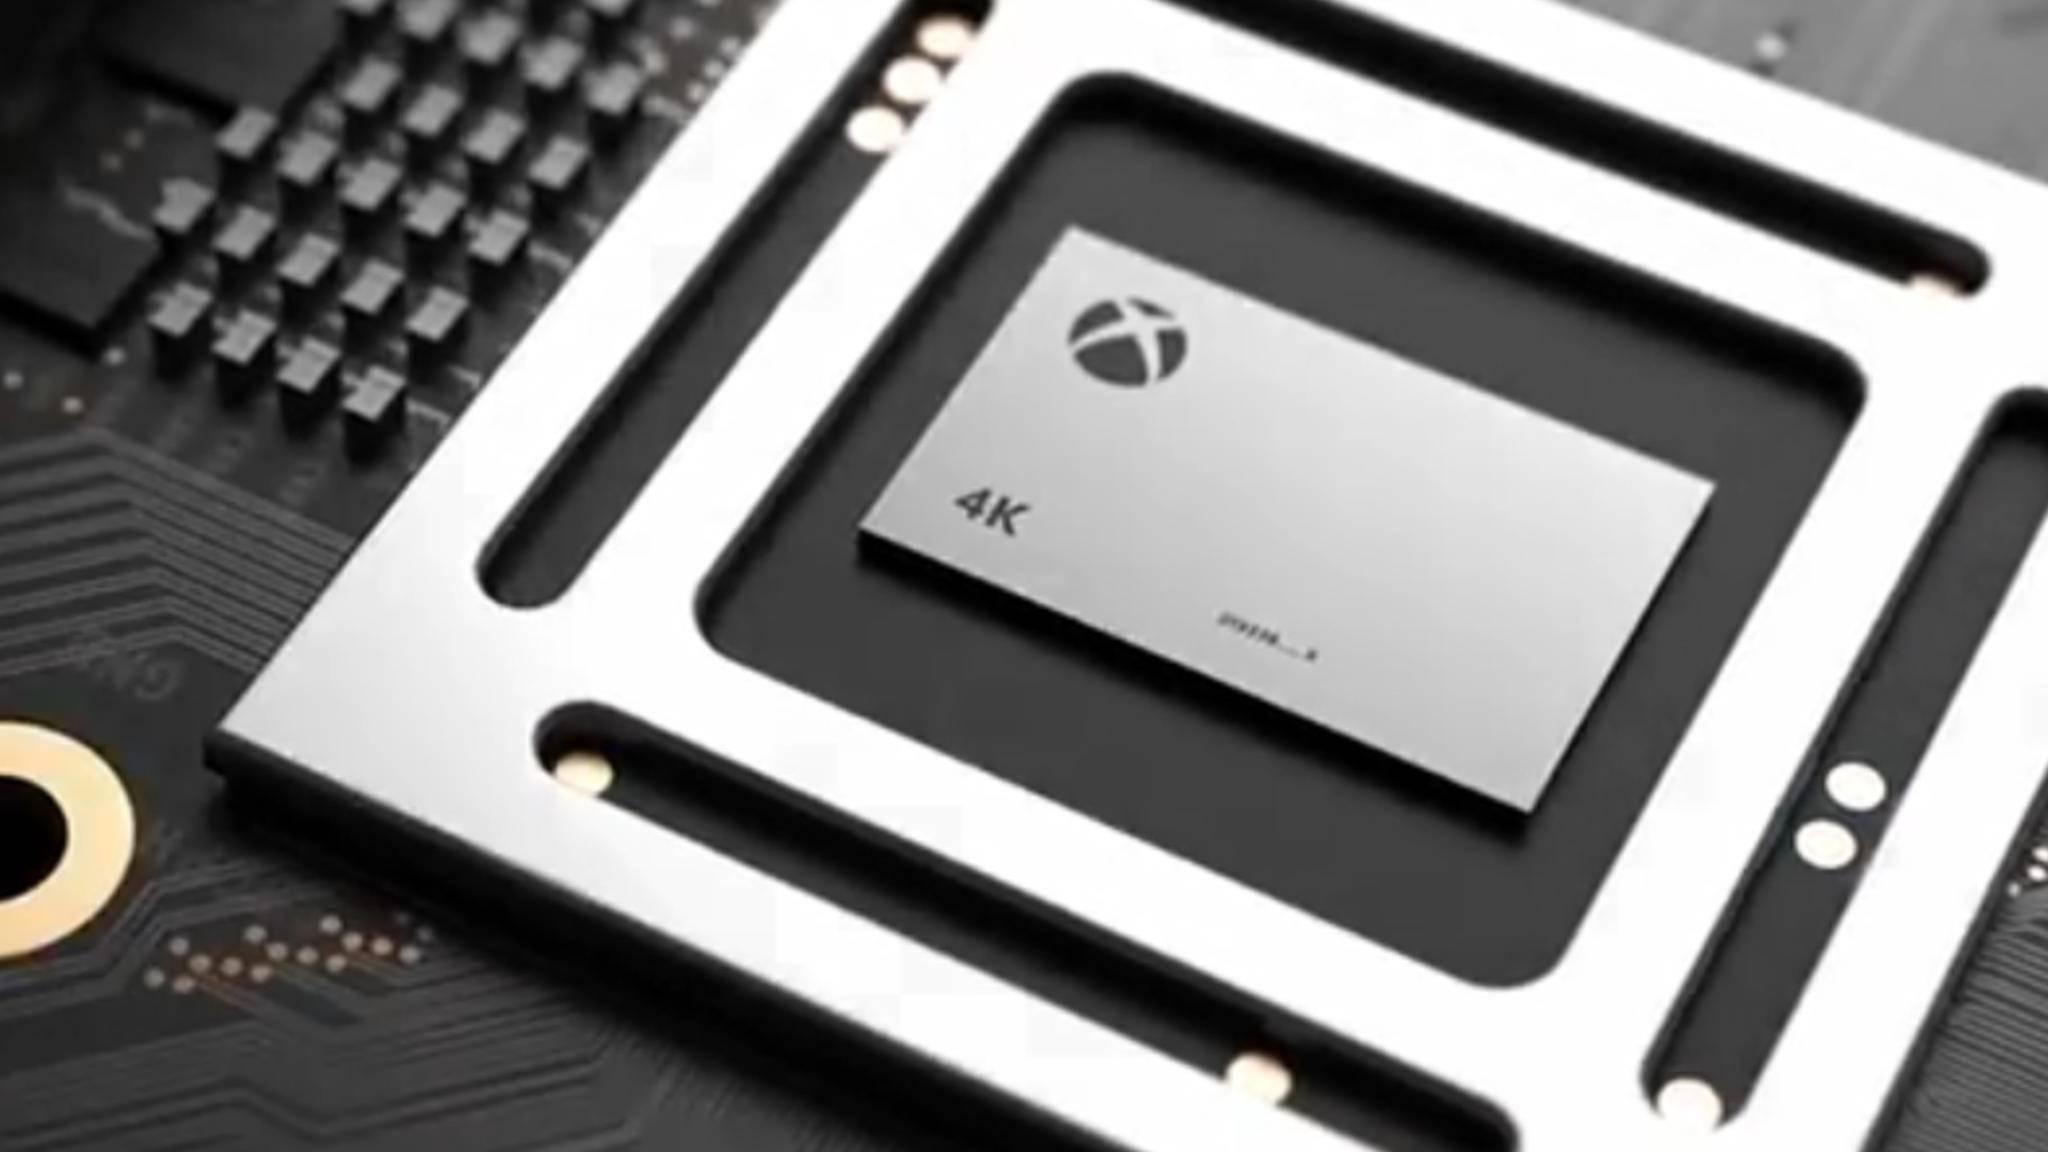 Gerücht: Gibt es bald erste Bilder der Xbox Scorpio?